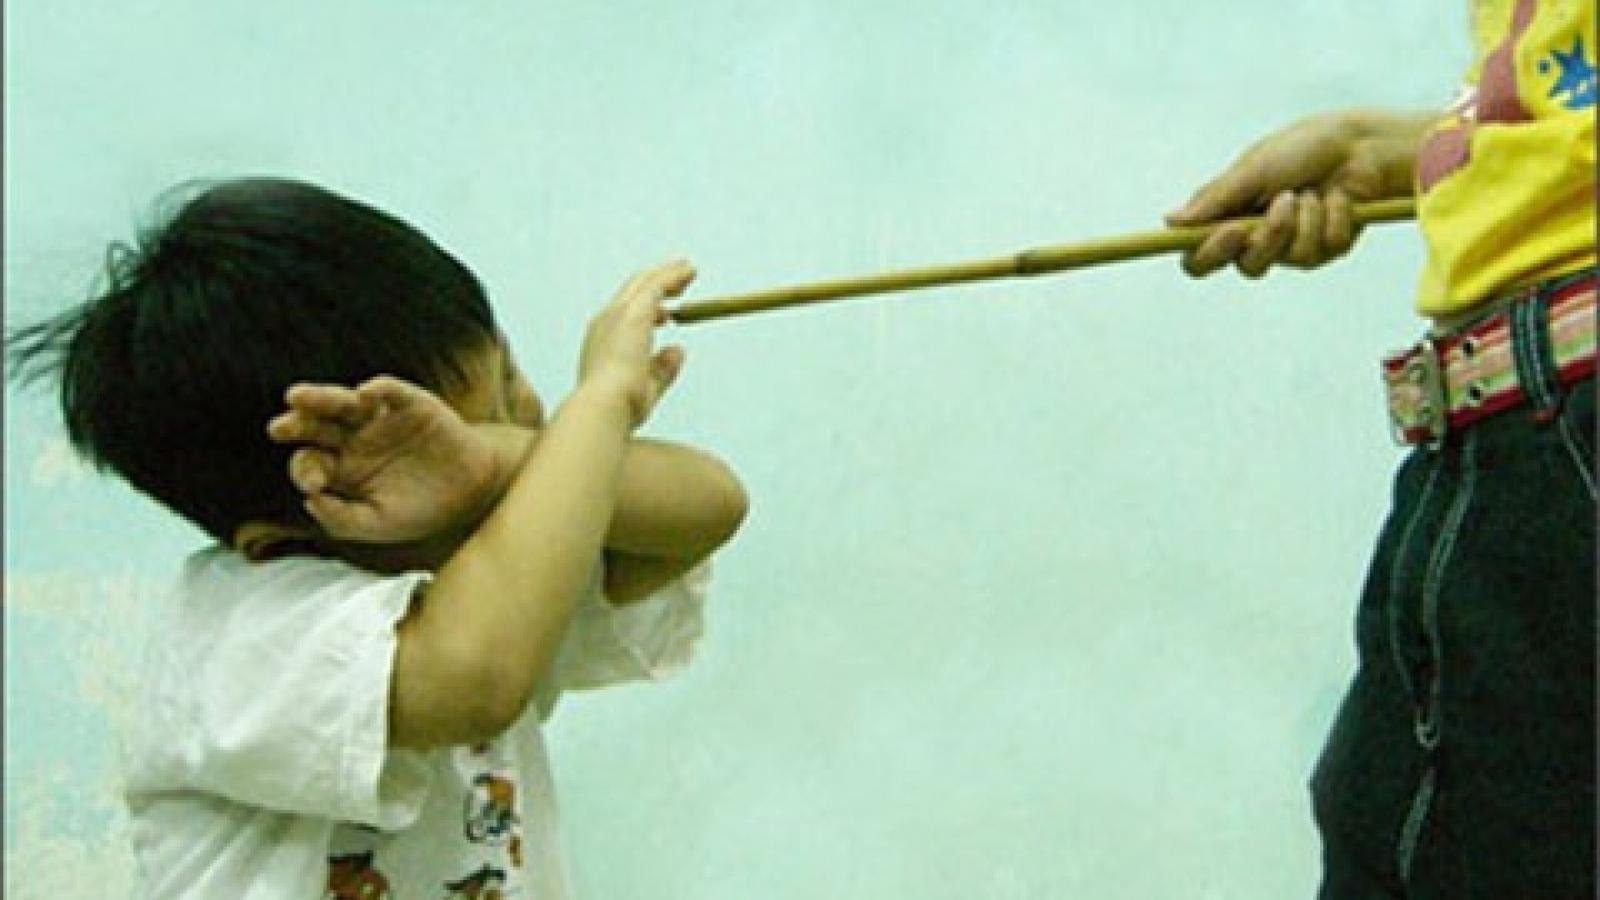 Giải pháp nào đảm bảo an toàn cho trẻ?